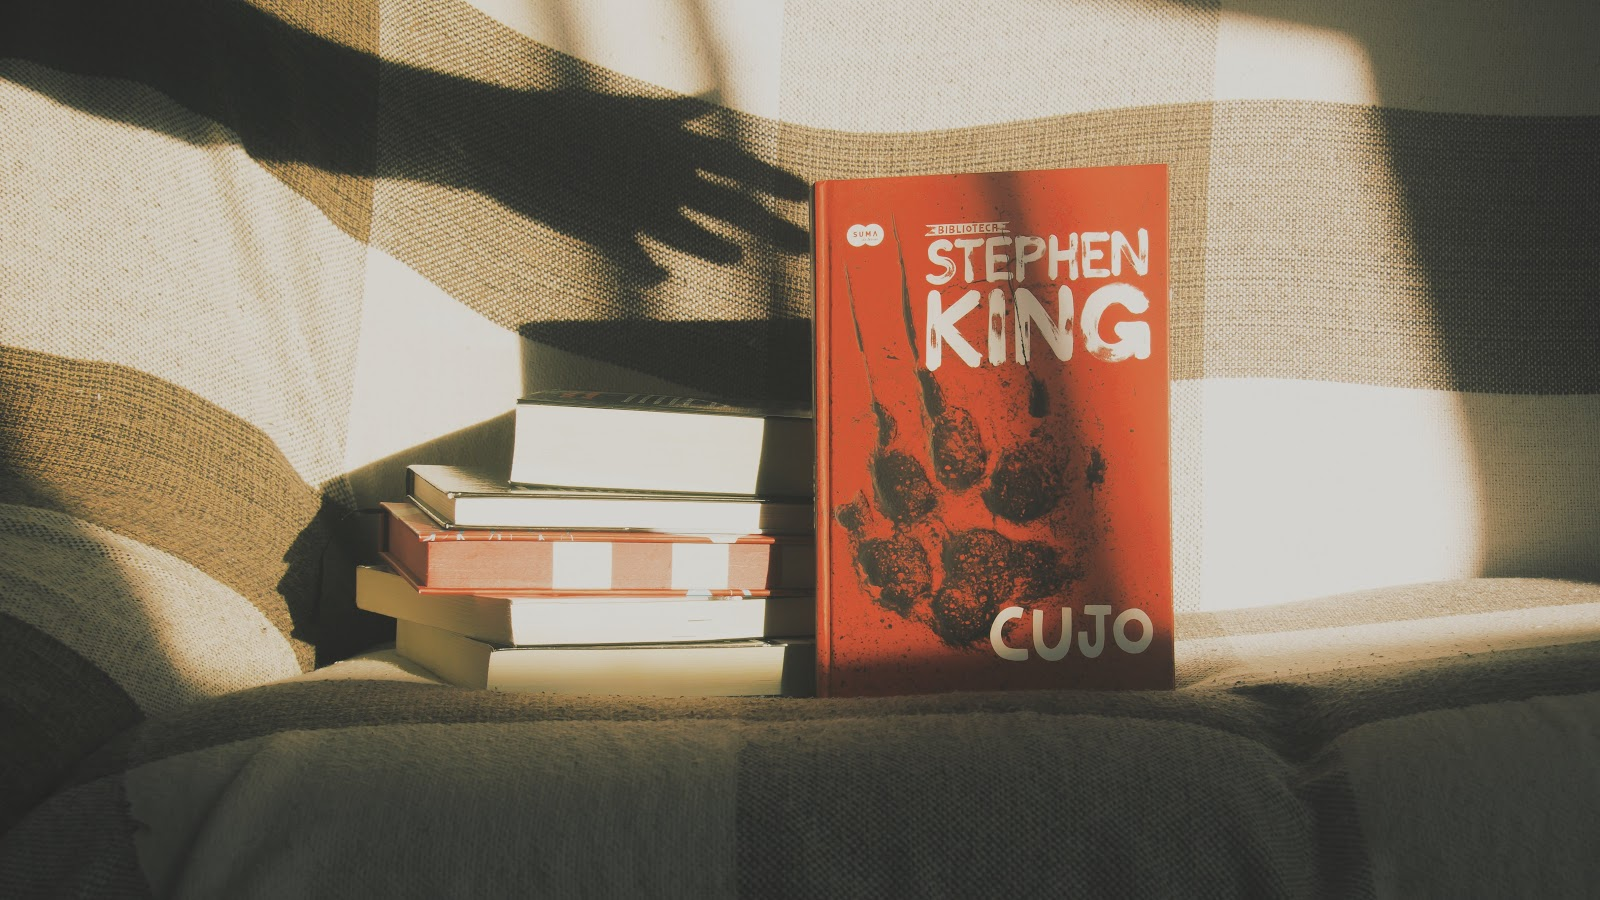 Autor Stephen King e o livro Cujo